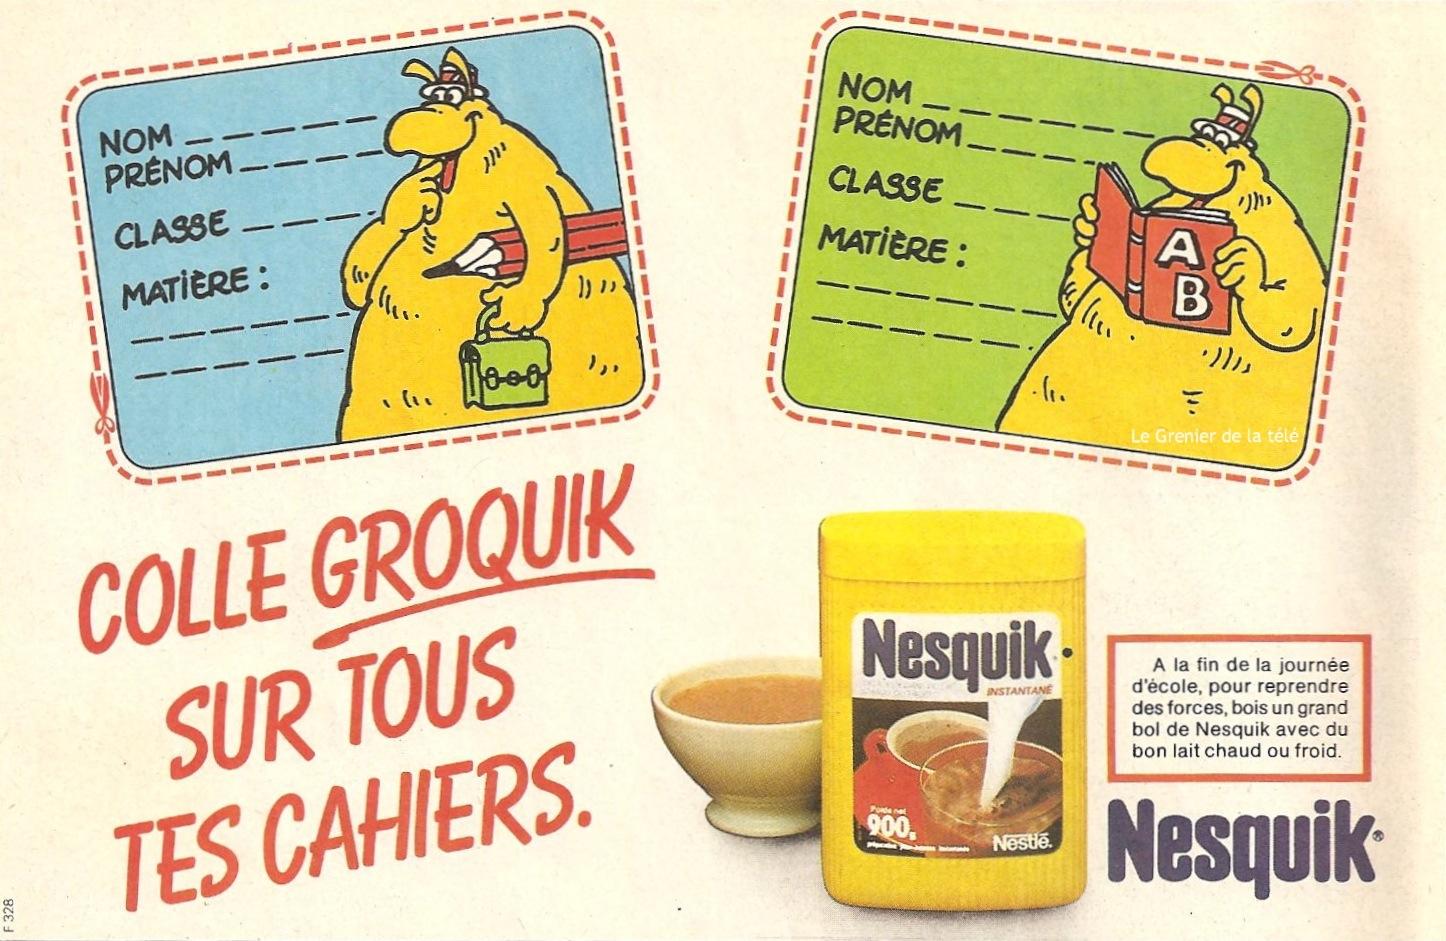 http://grenierdelatv.free.fr/groquikoct1980.jpg